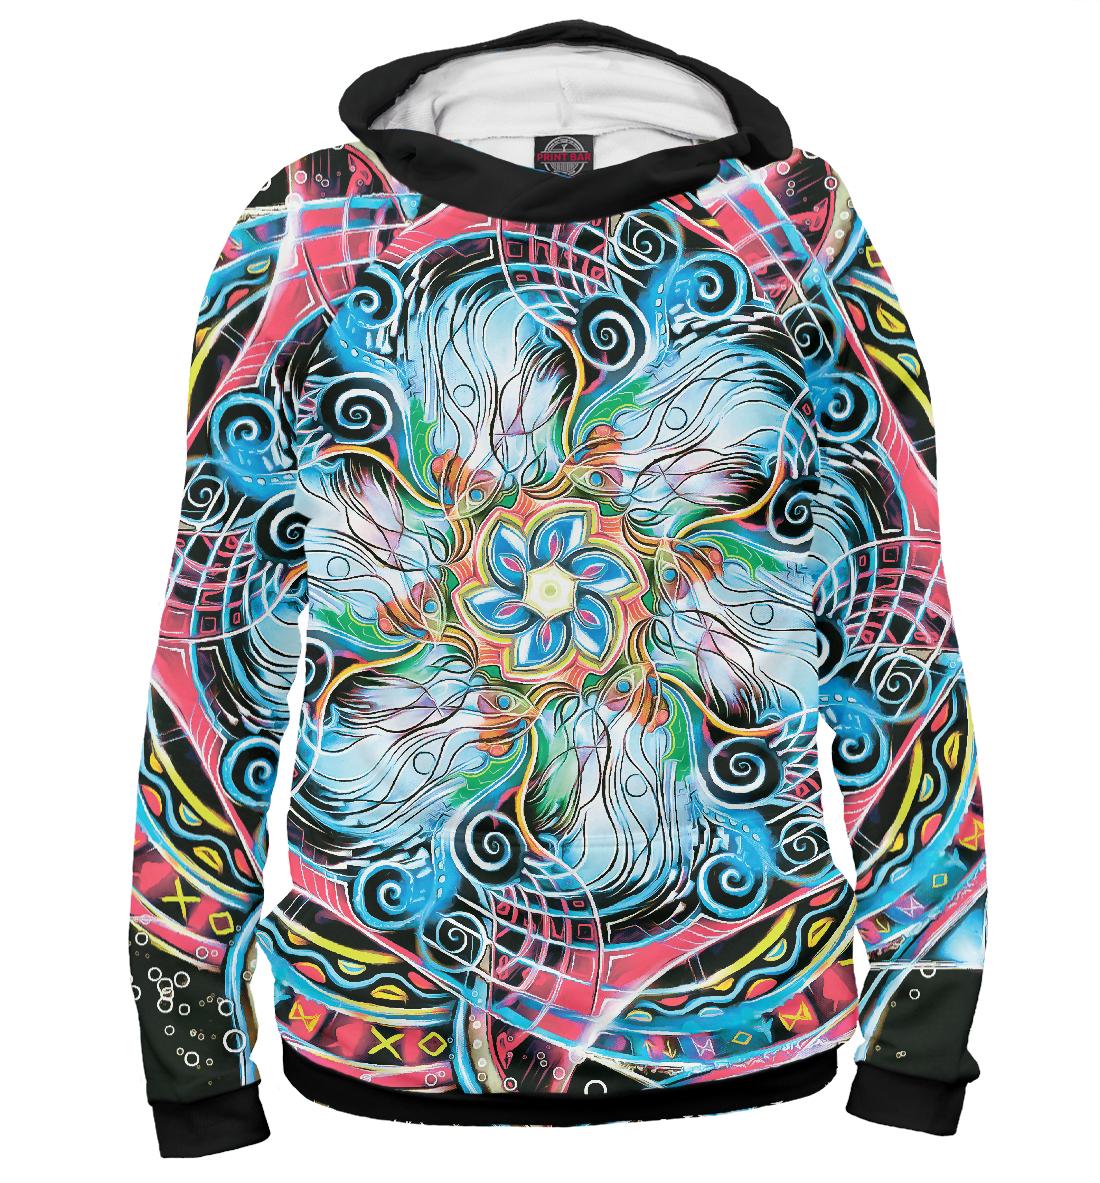 Купить Мандала Странные Цветные Руны, Printbar, Худи, APD-506067-hud-1